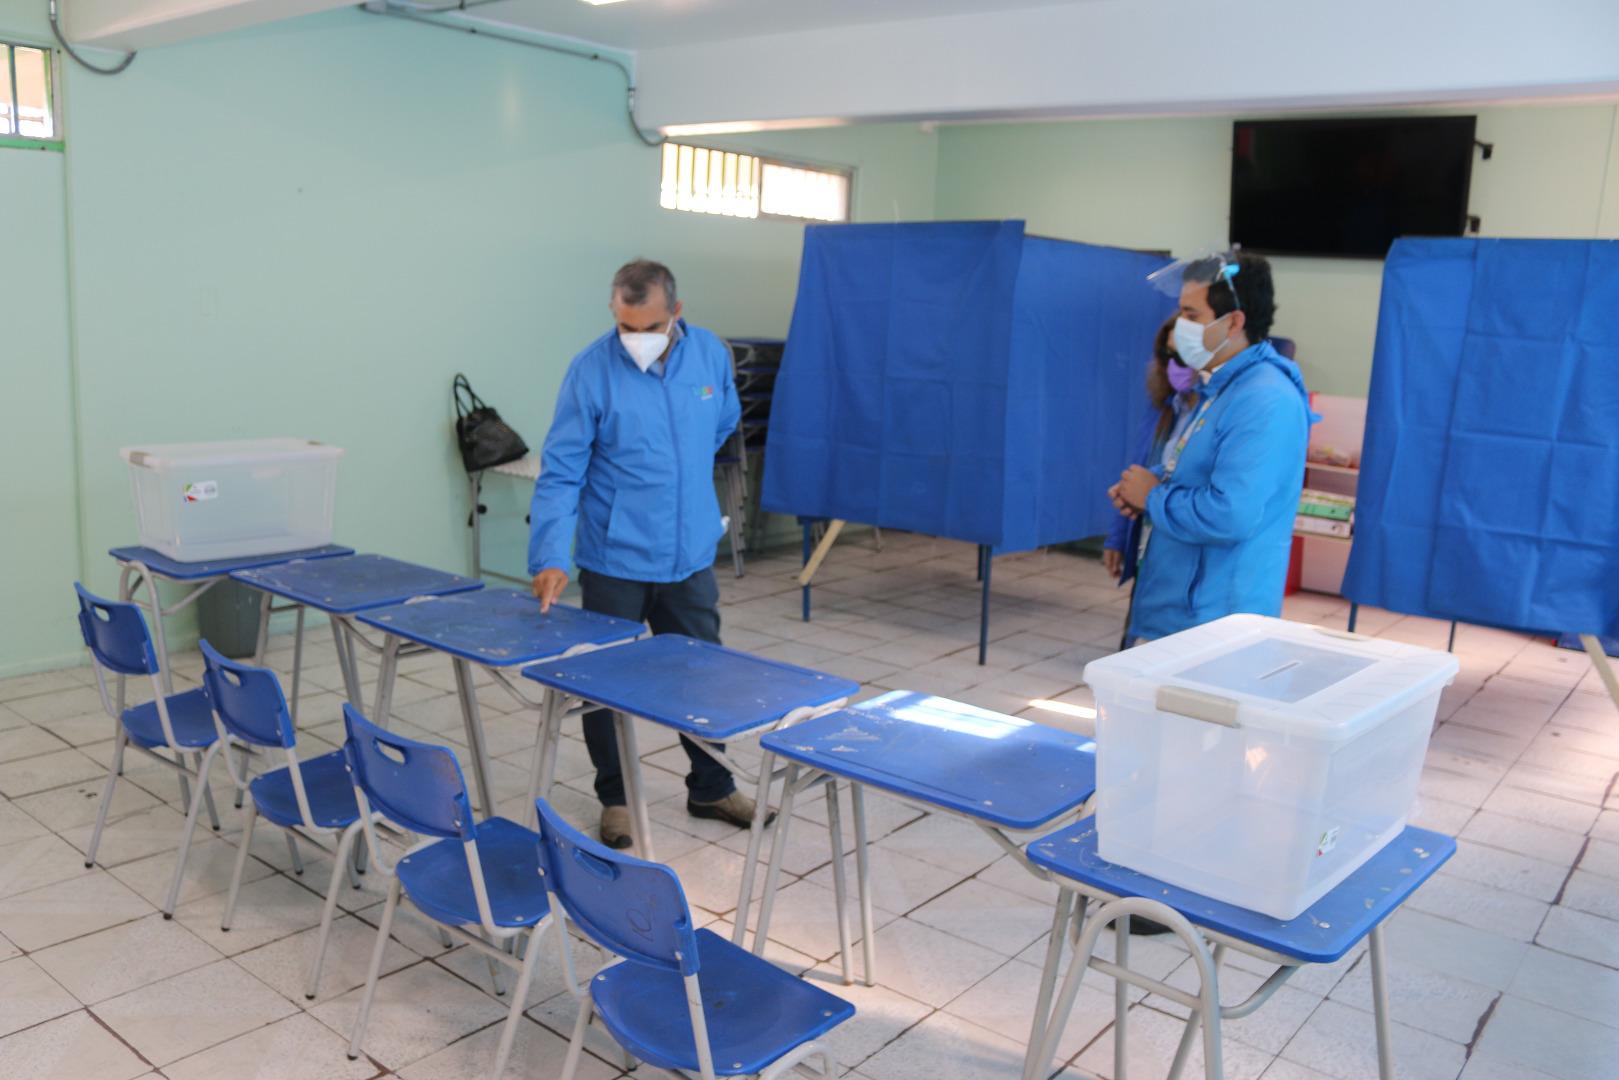 Municipalidad de Iquique trabaja en habilitación de locales de votación para el plebiscito constitucional